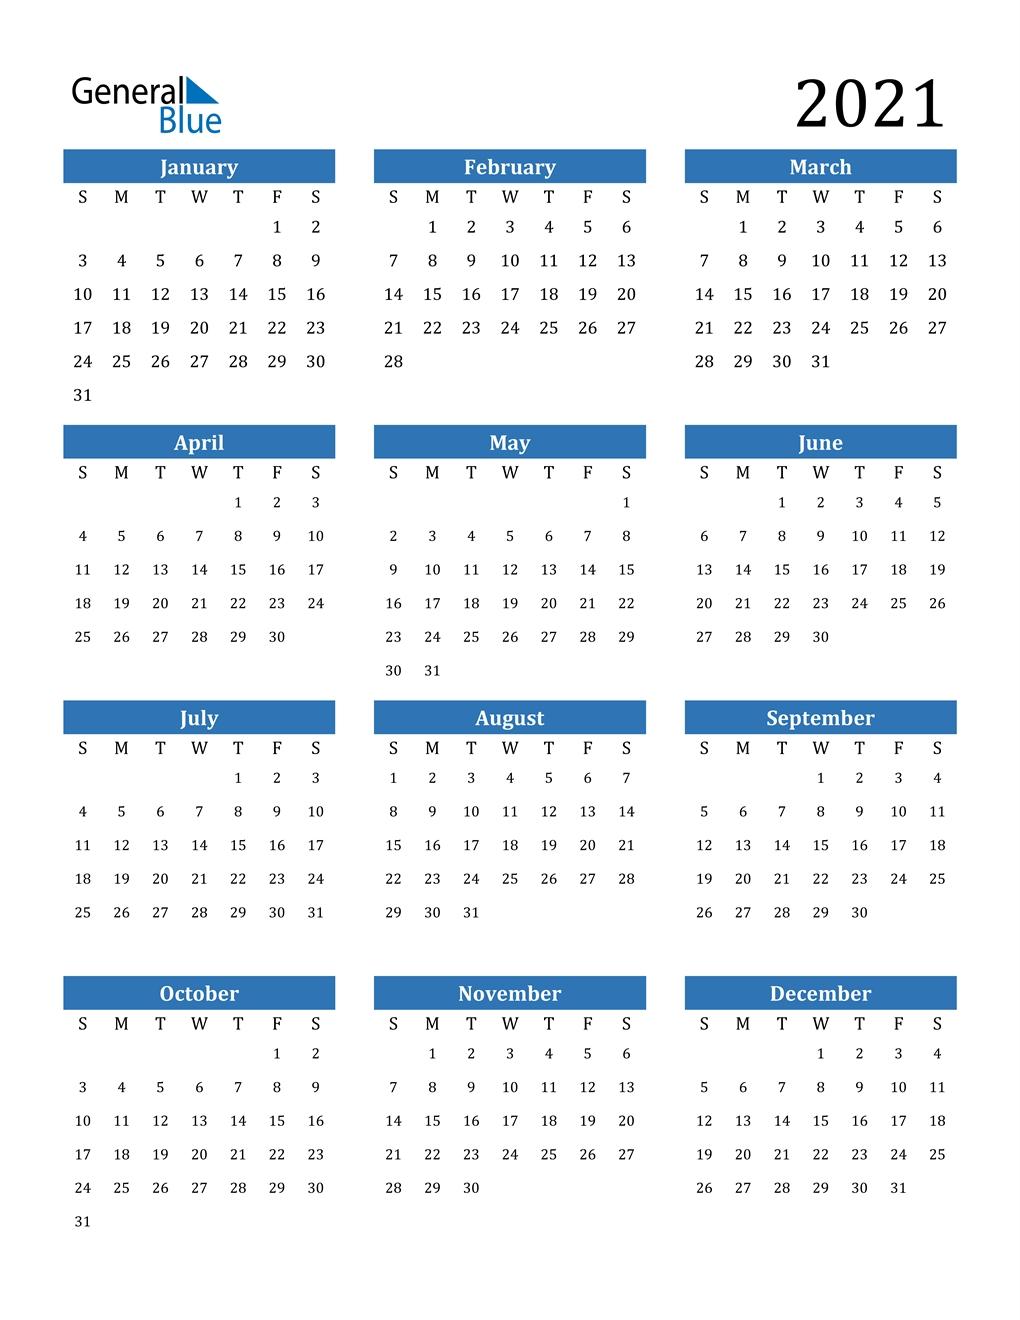 Get 2021 Caledar Year Week And Dates Excel